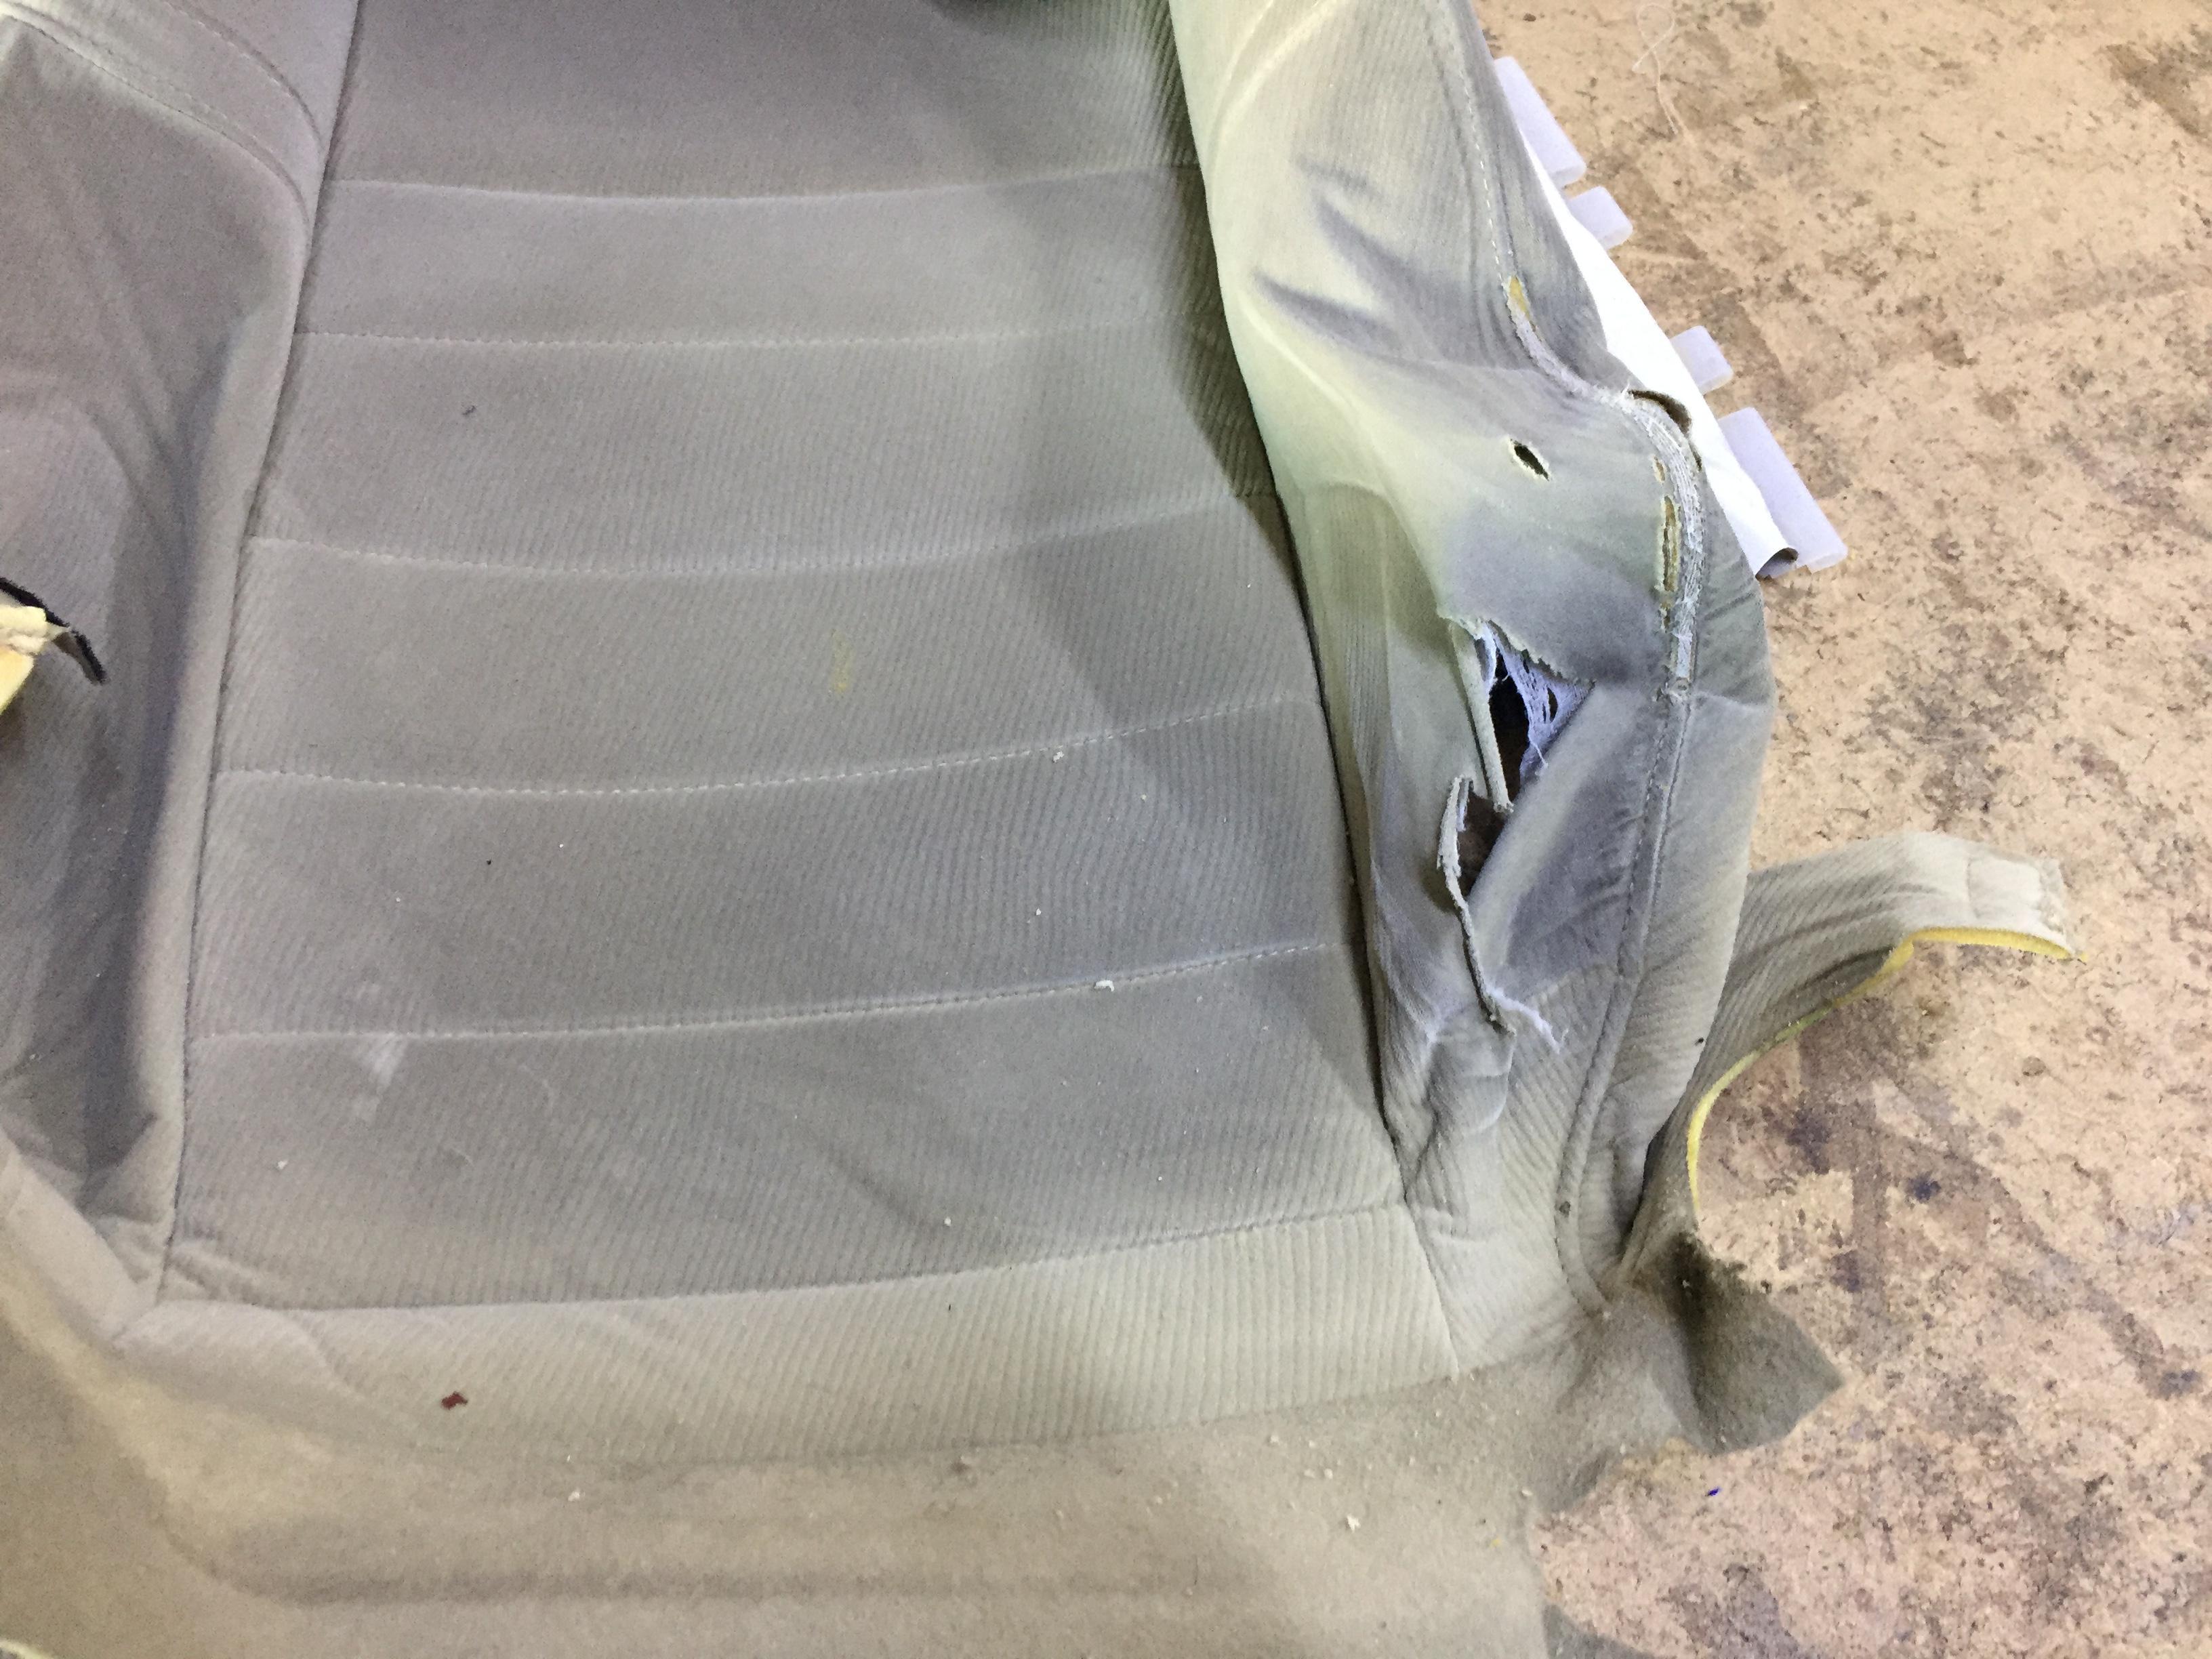 Honda civic döşeme yırtığı tamiri